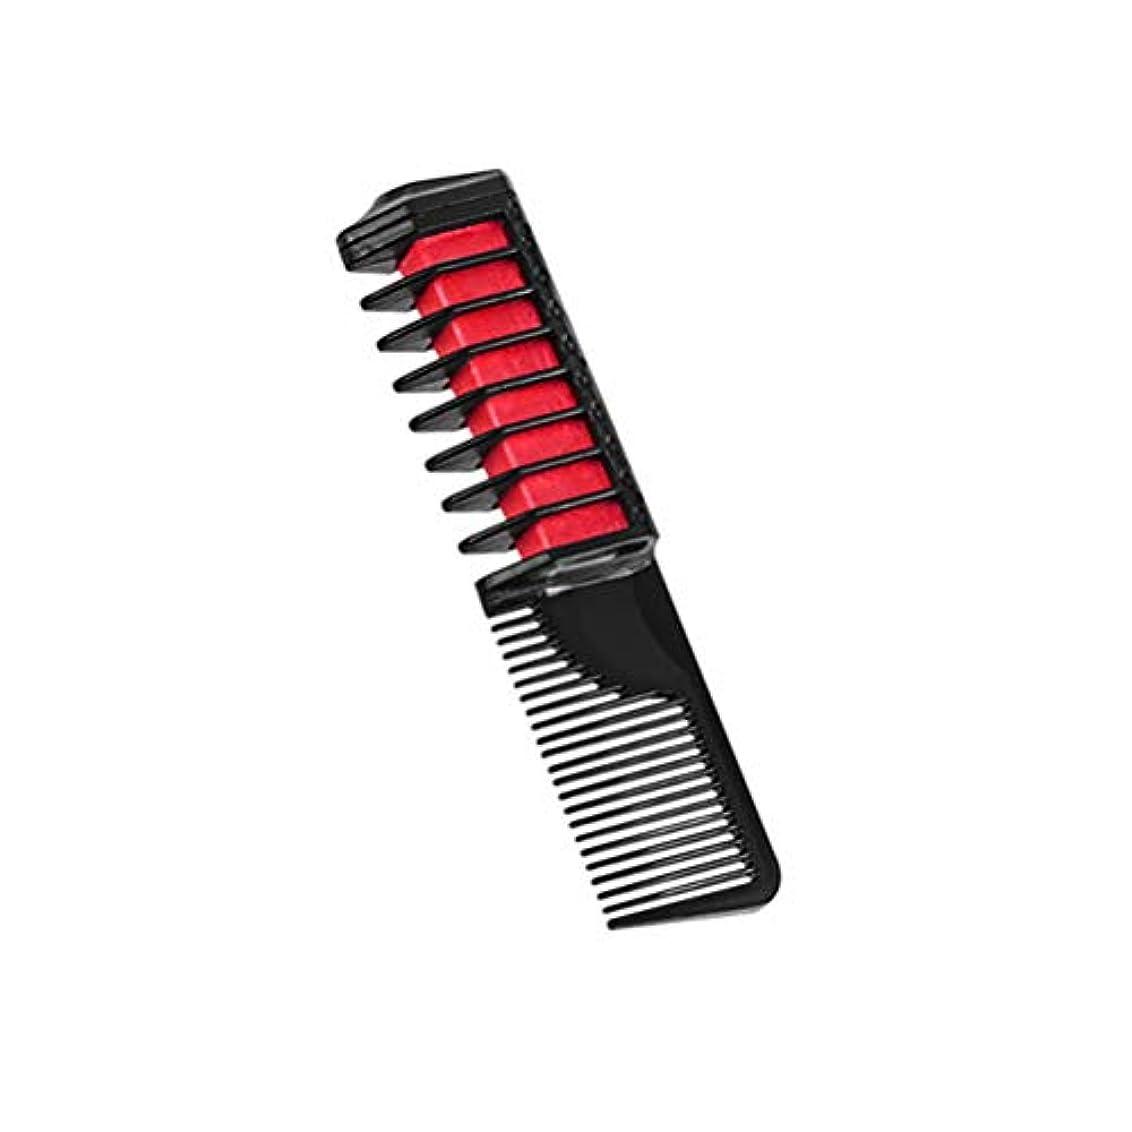 レーザモジュール主にCreacom ヘアダイコーム 快速安全 高品質 手早く 使用簡単 ミニ 使い捨て 塗りやすい 染色ツール ヘアカラーチョークヘア 男女兼用 美髪 美容院用 6色